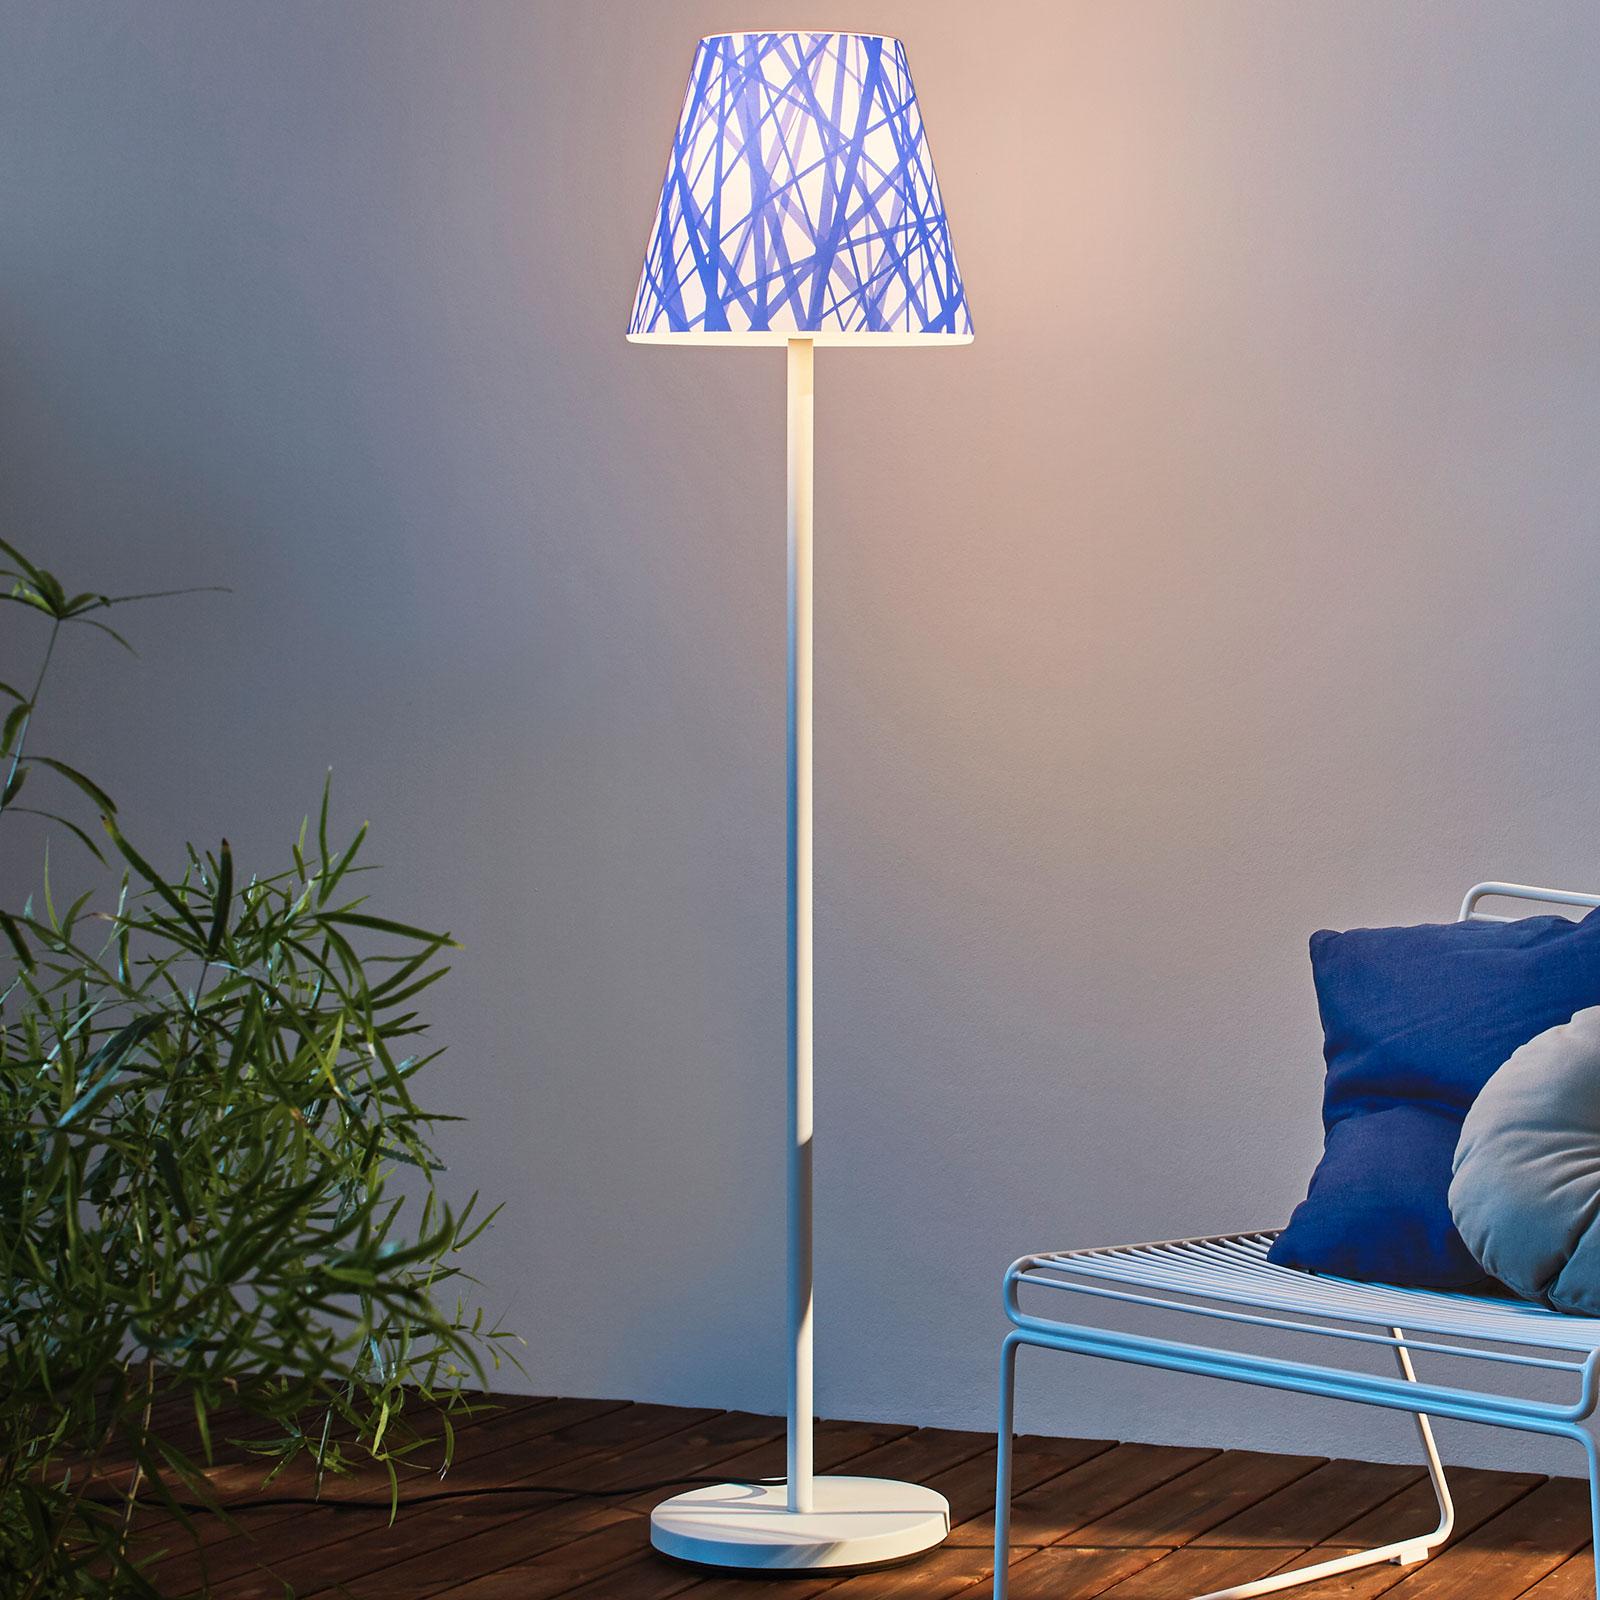 Lámpara de pie Swap Outdoor, pantalla blue lines